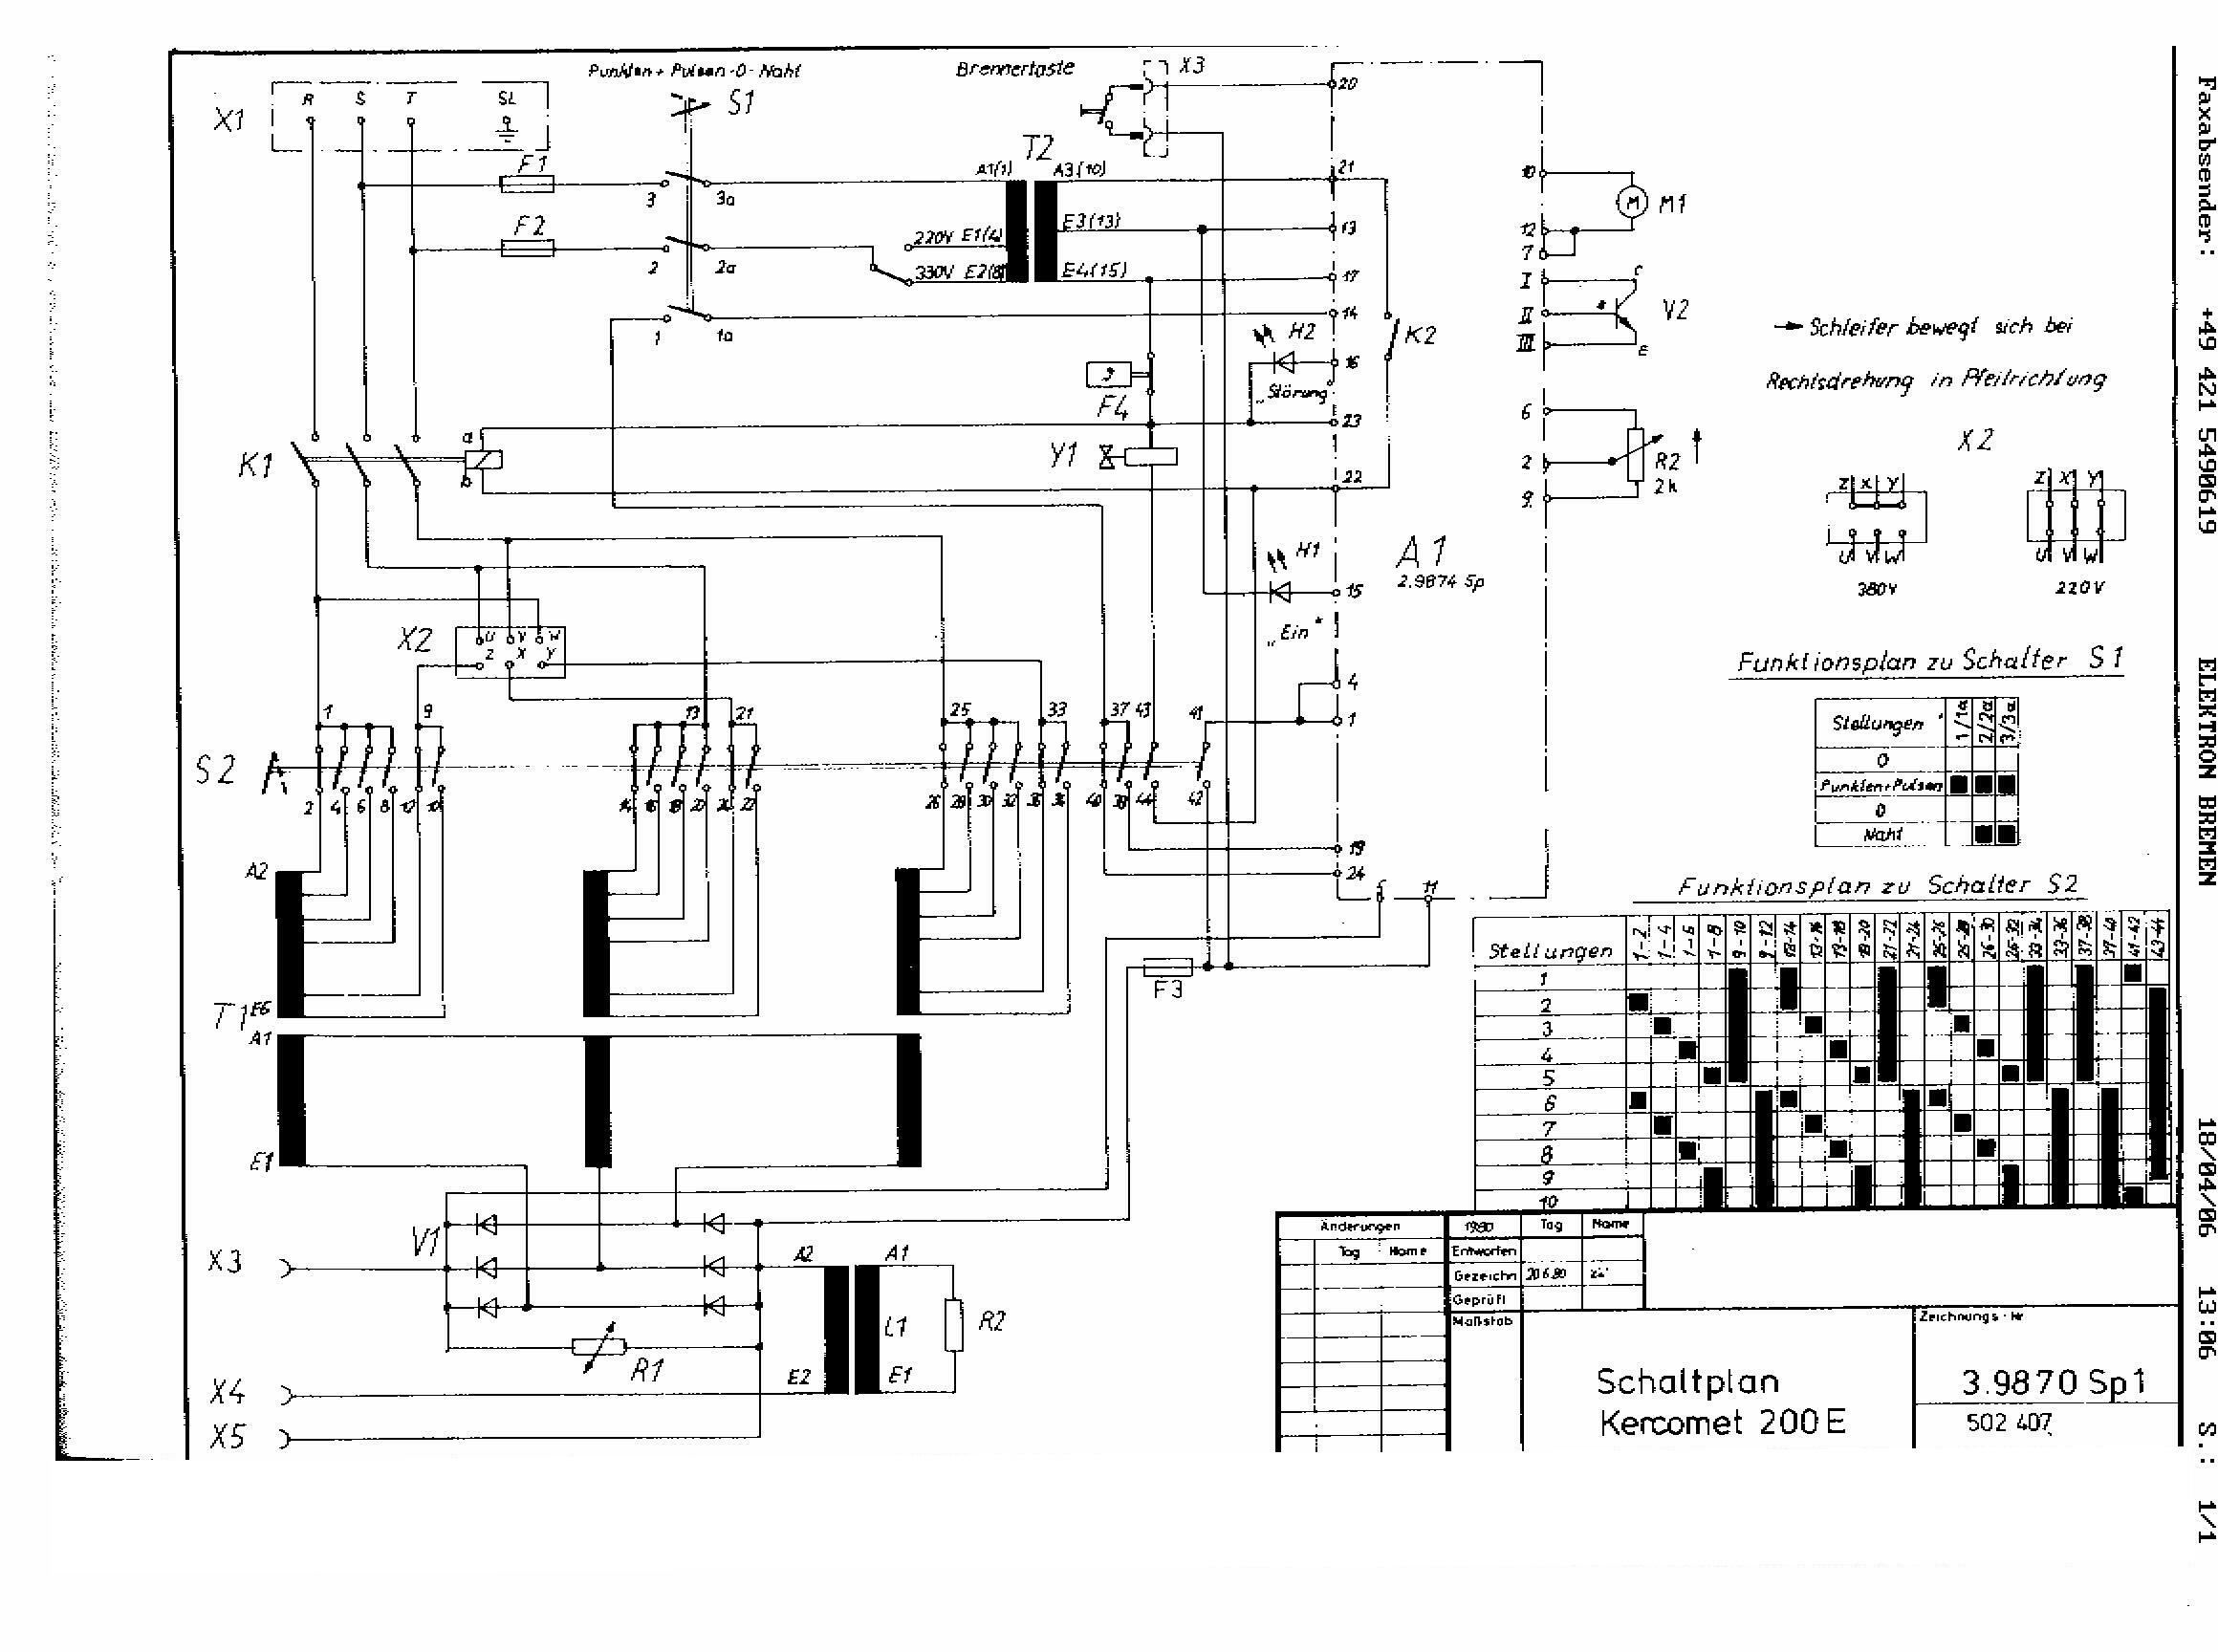 Weiss jemand was das für ein Leistungschalter ist? - Mikrocontroller.net